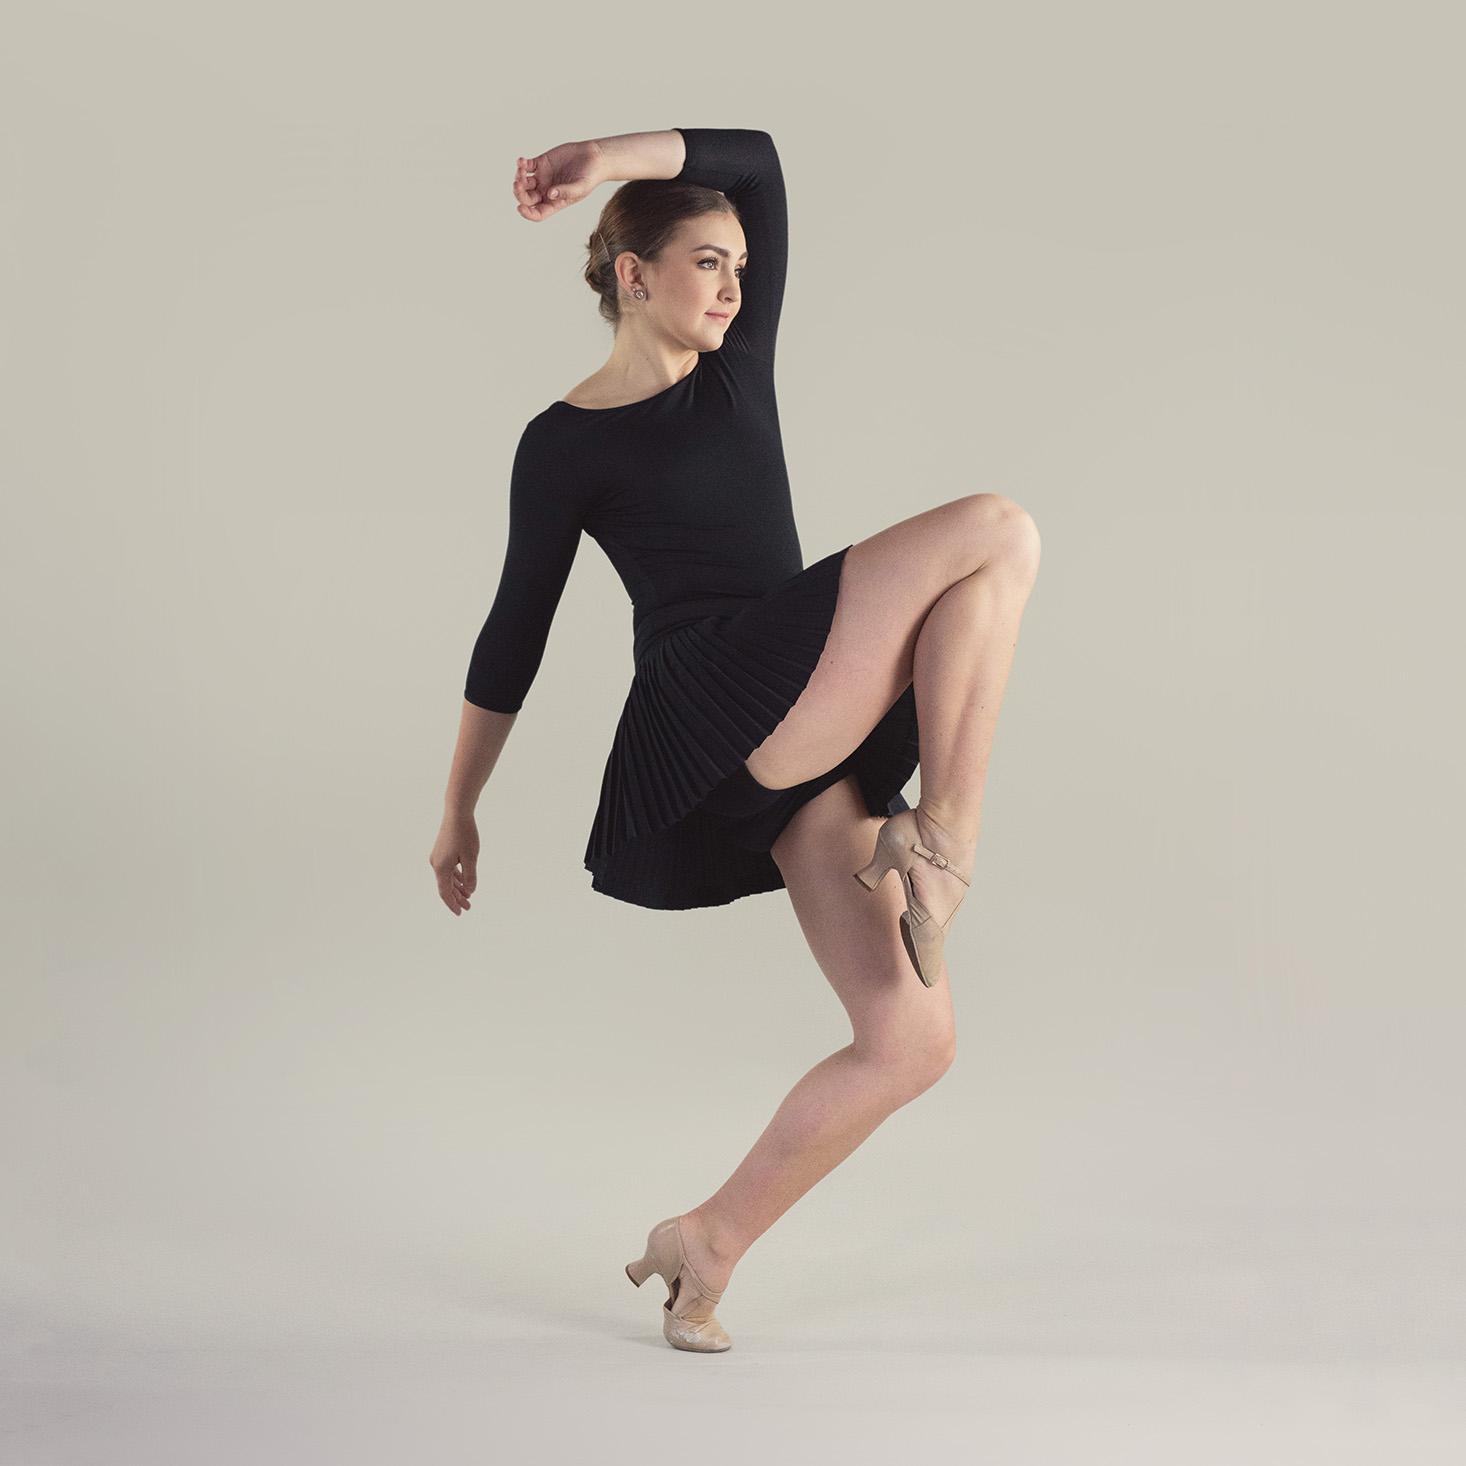 Character Dancer